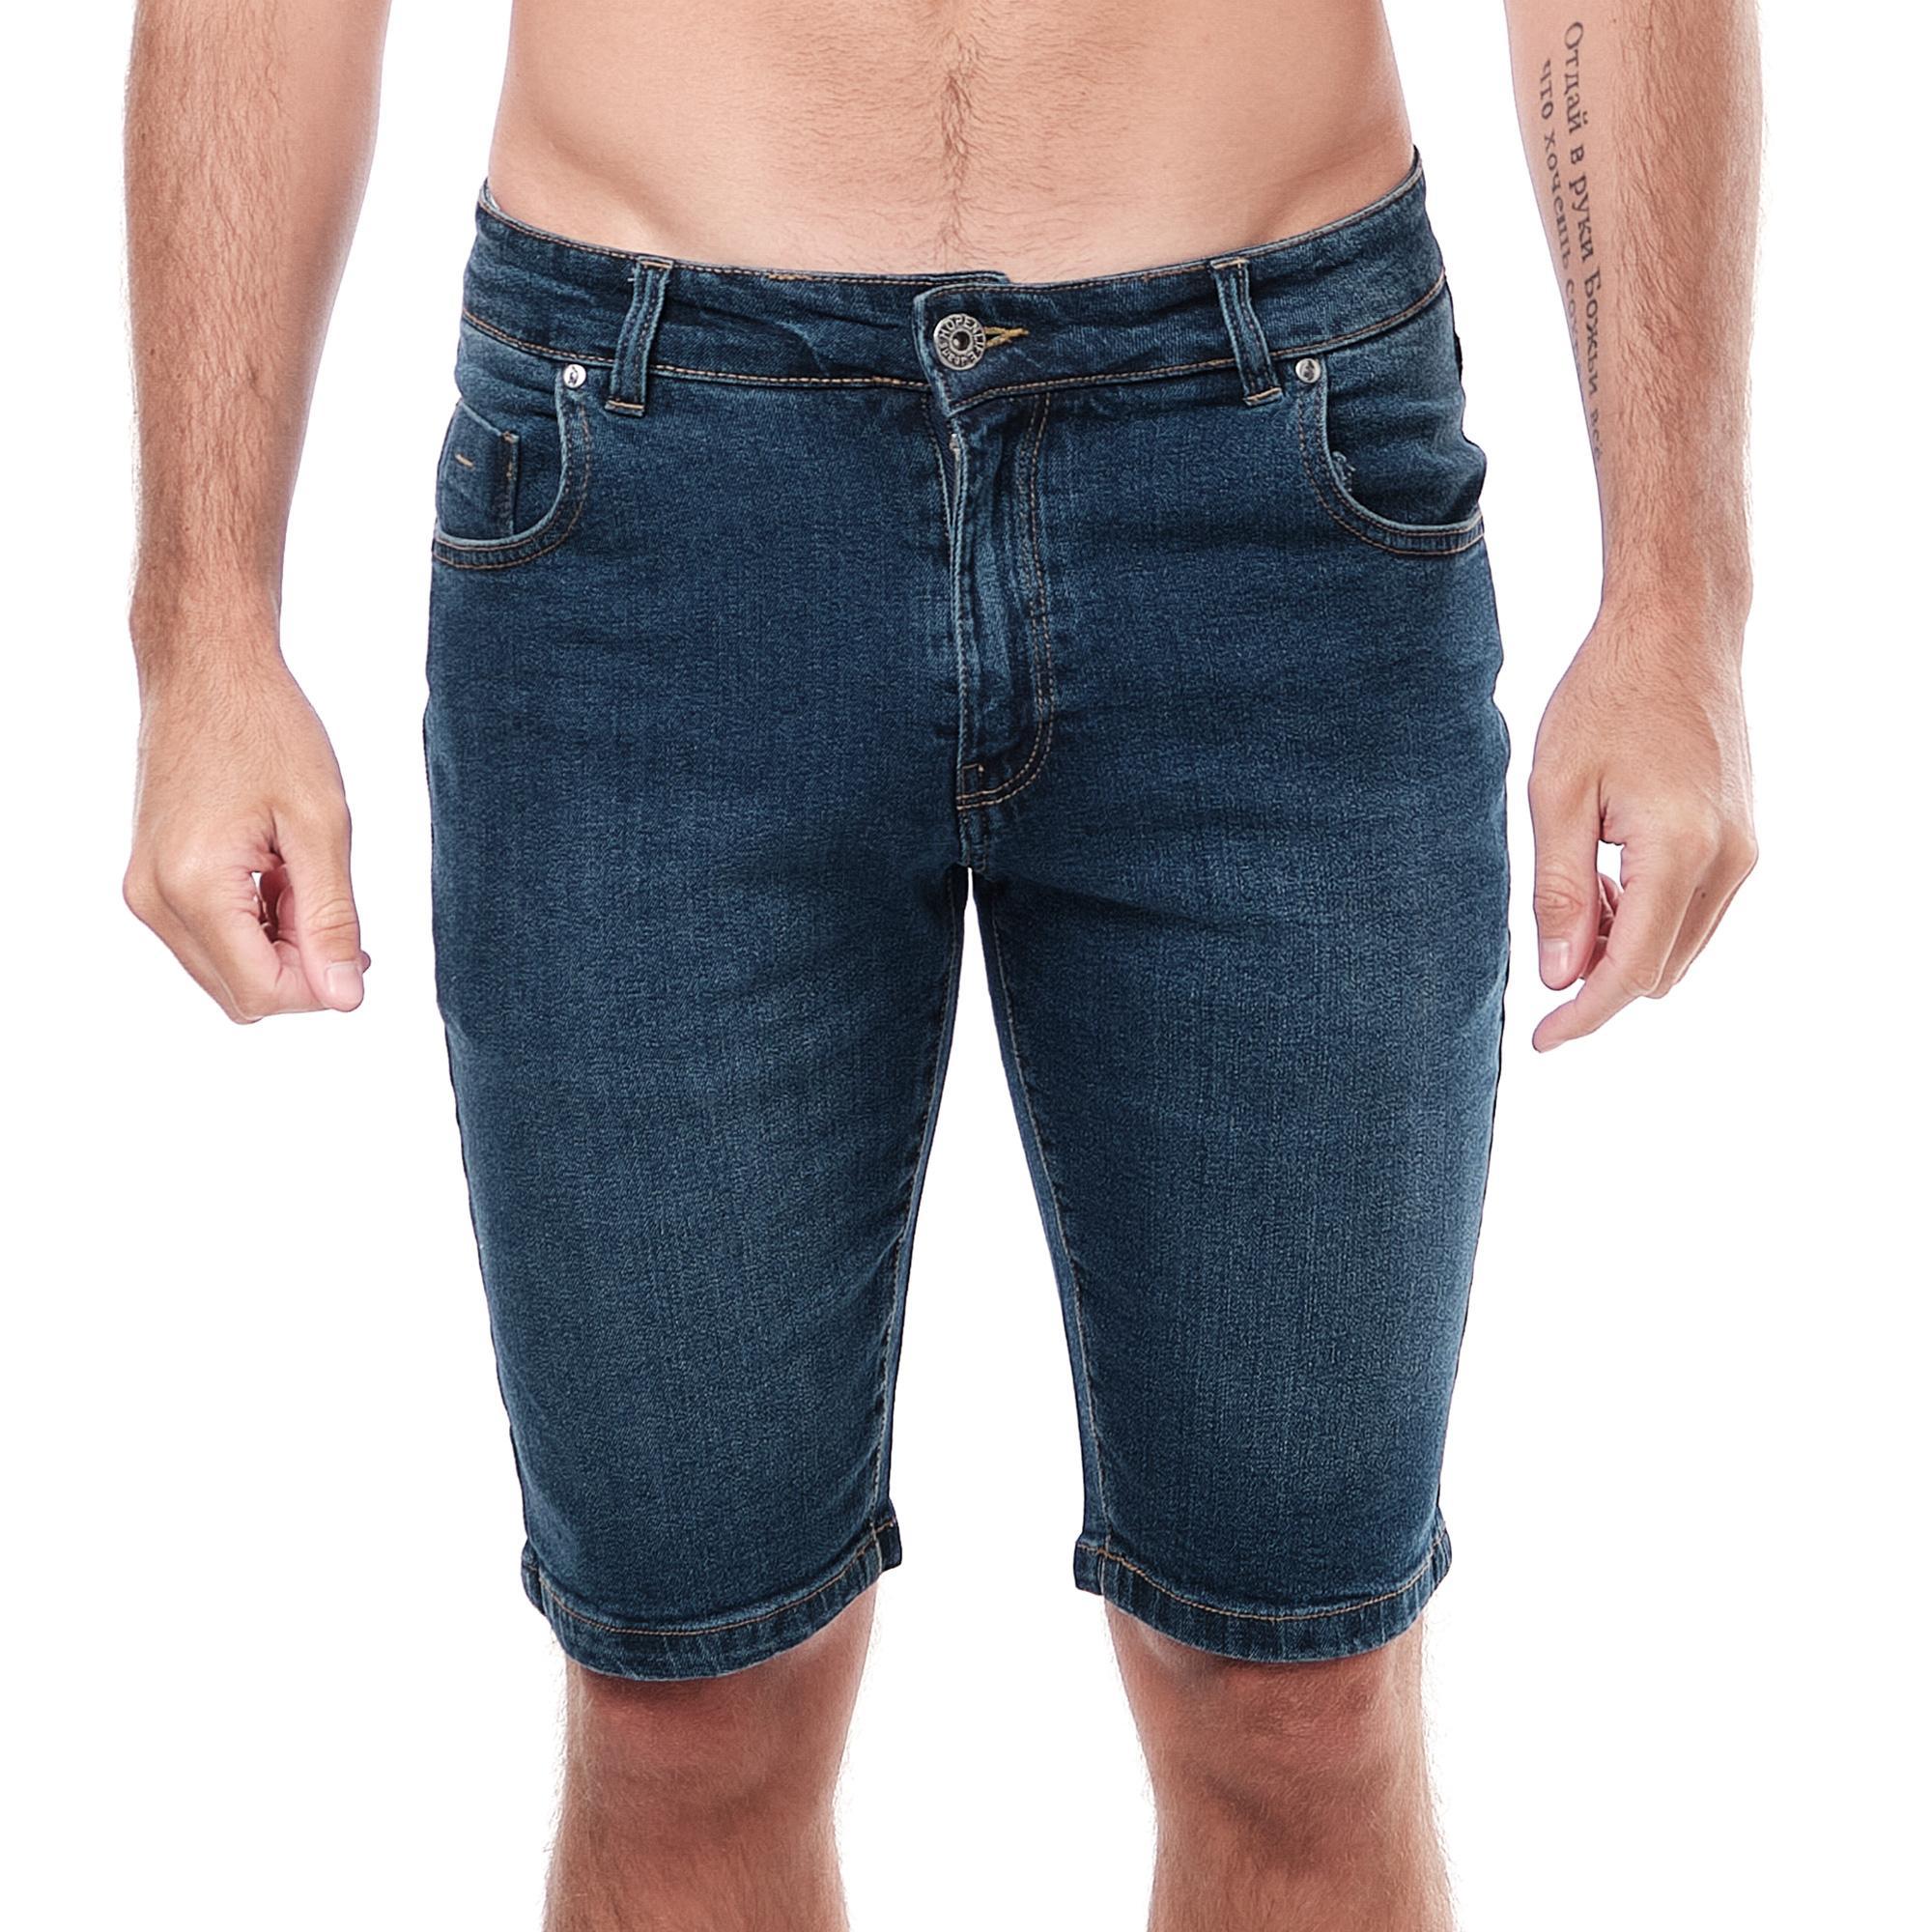 Shorts Homme Bleu Hopenlife DONALD-BLEU #c eFashion Paris